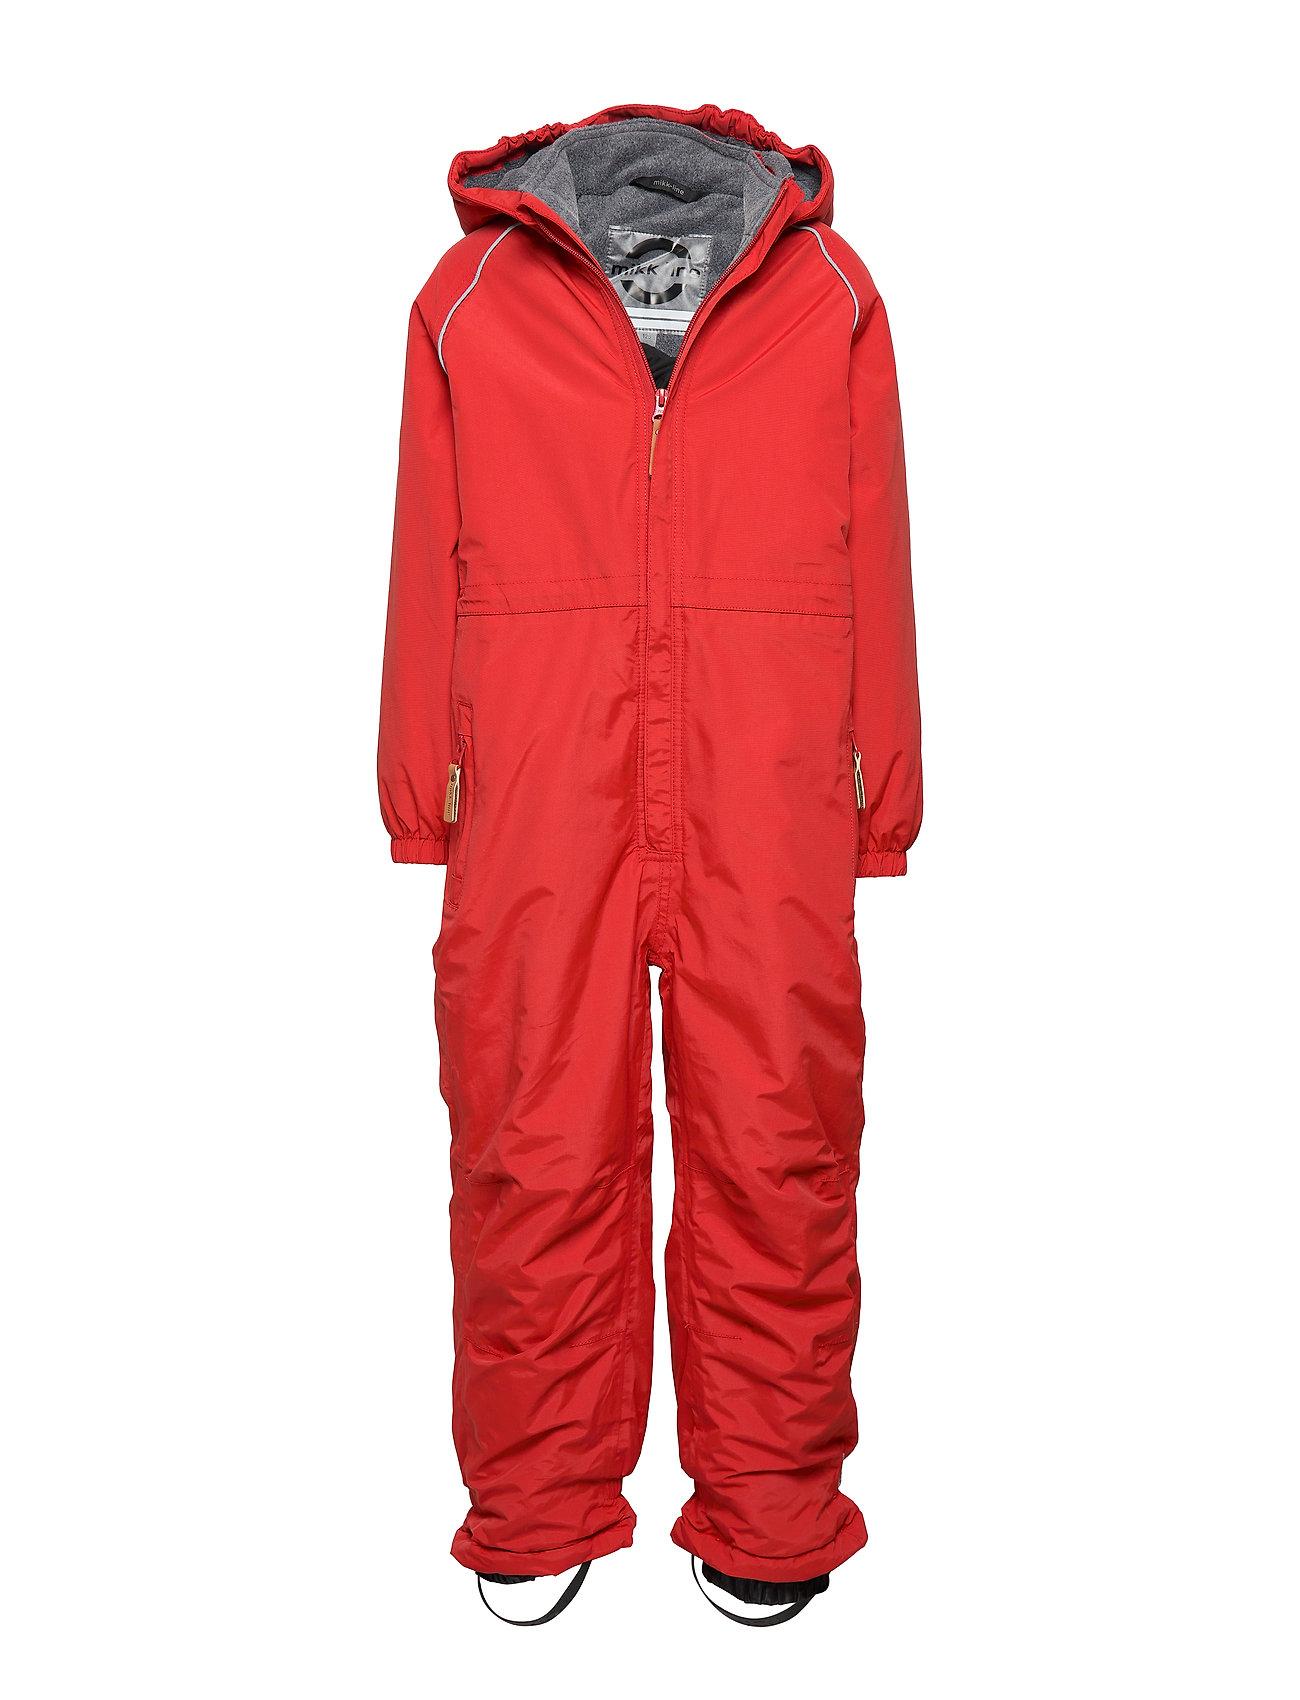 Mikk-Line Nylon Junior Suit Solid - POMPEIAN RED